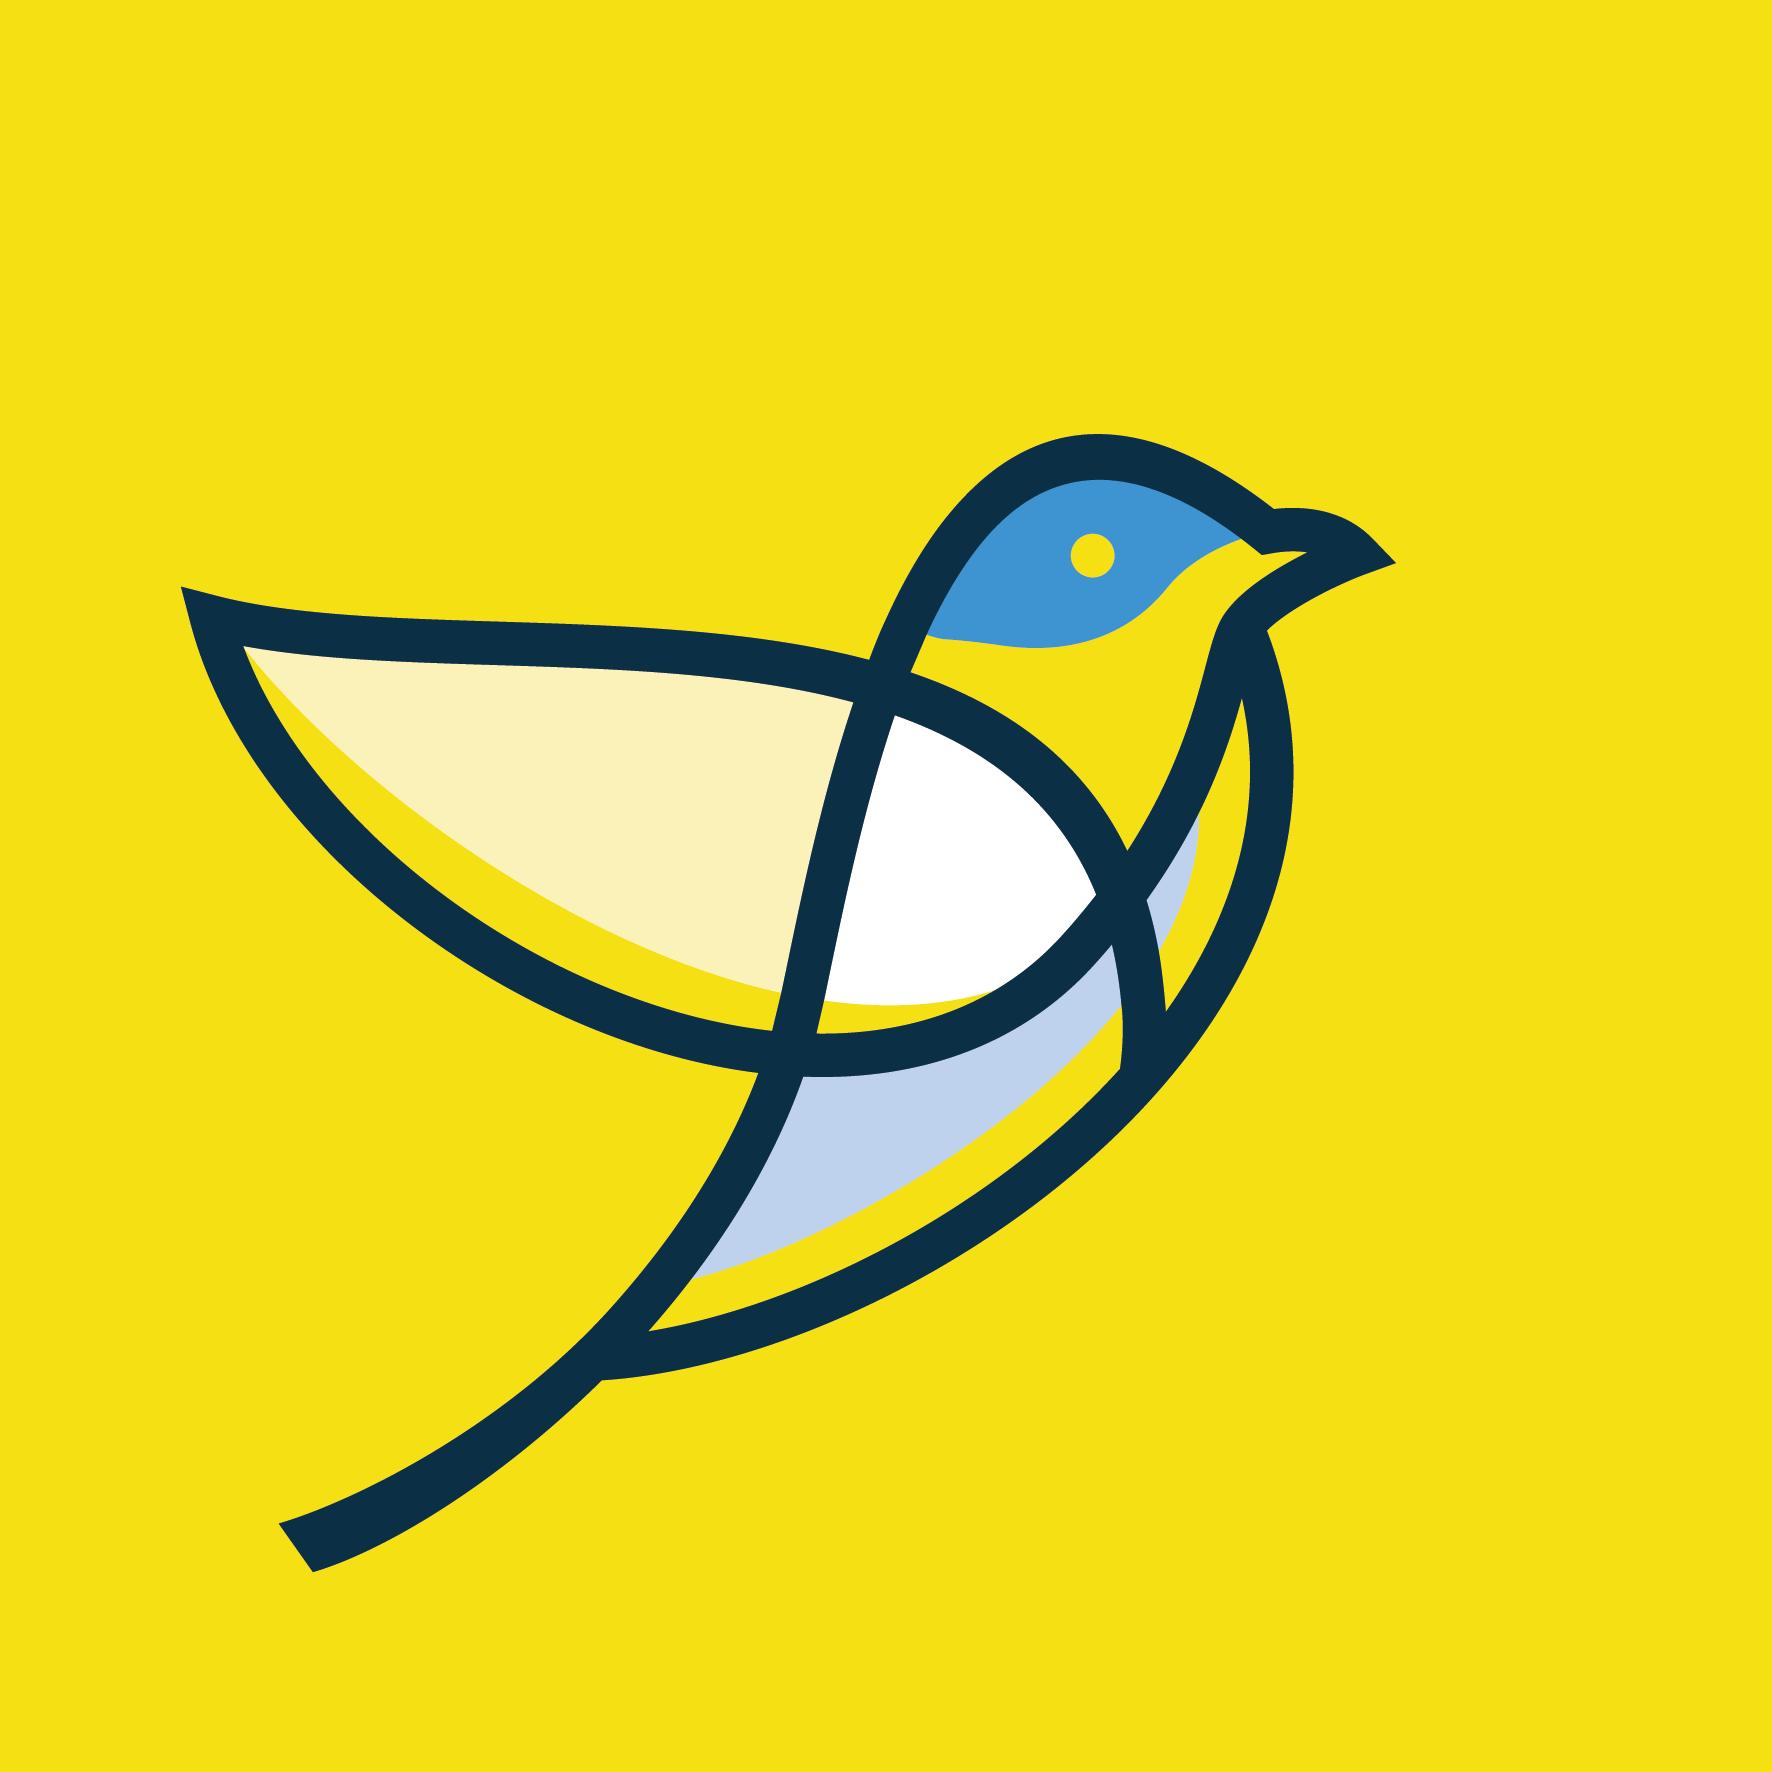 Clear Day bird